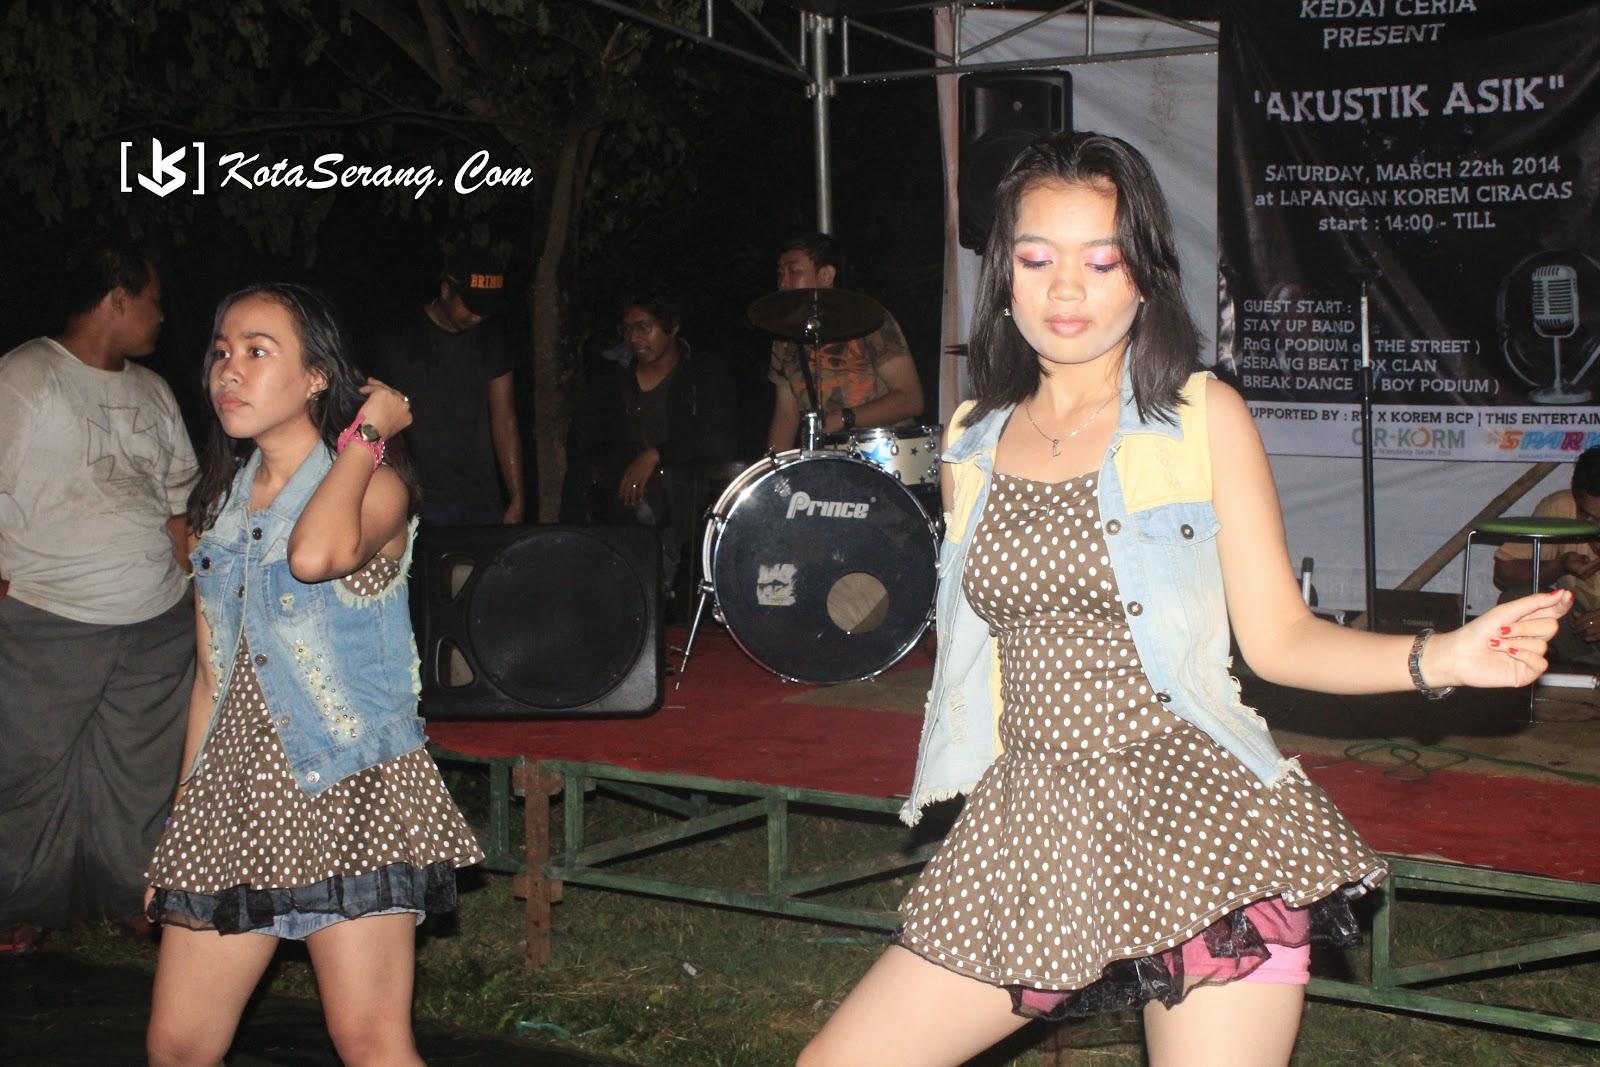 Vila Dance Perform in @Kedai_Ceriaa at @KotaSerang